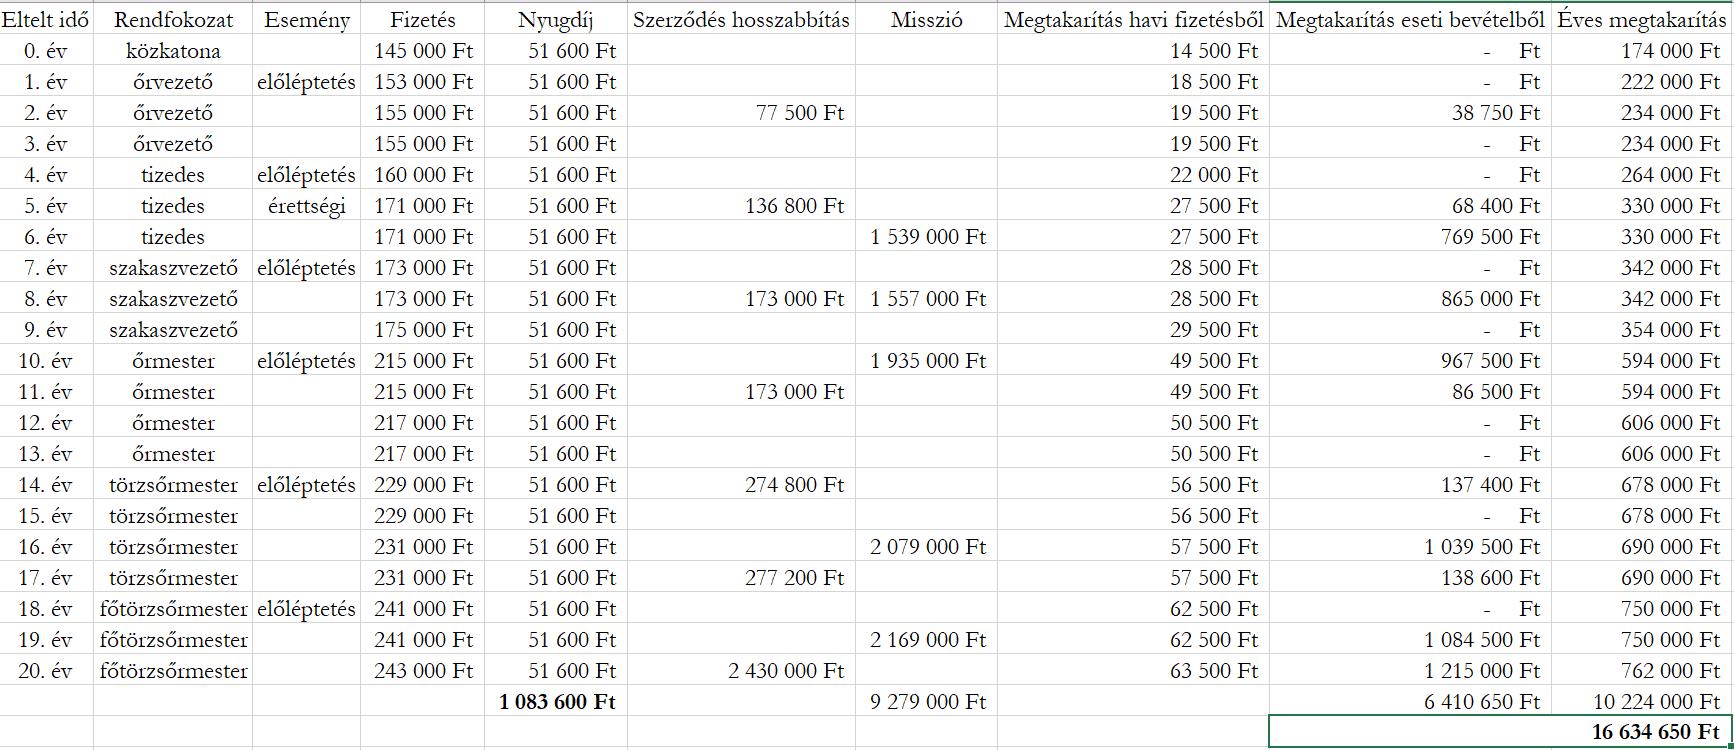 Ez egy táblázat, melyben egy legénységiből altisztté váló katonai karrier során kapott bevételei és megtakarításai szerepelnek